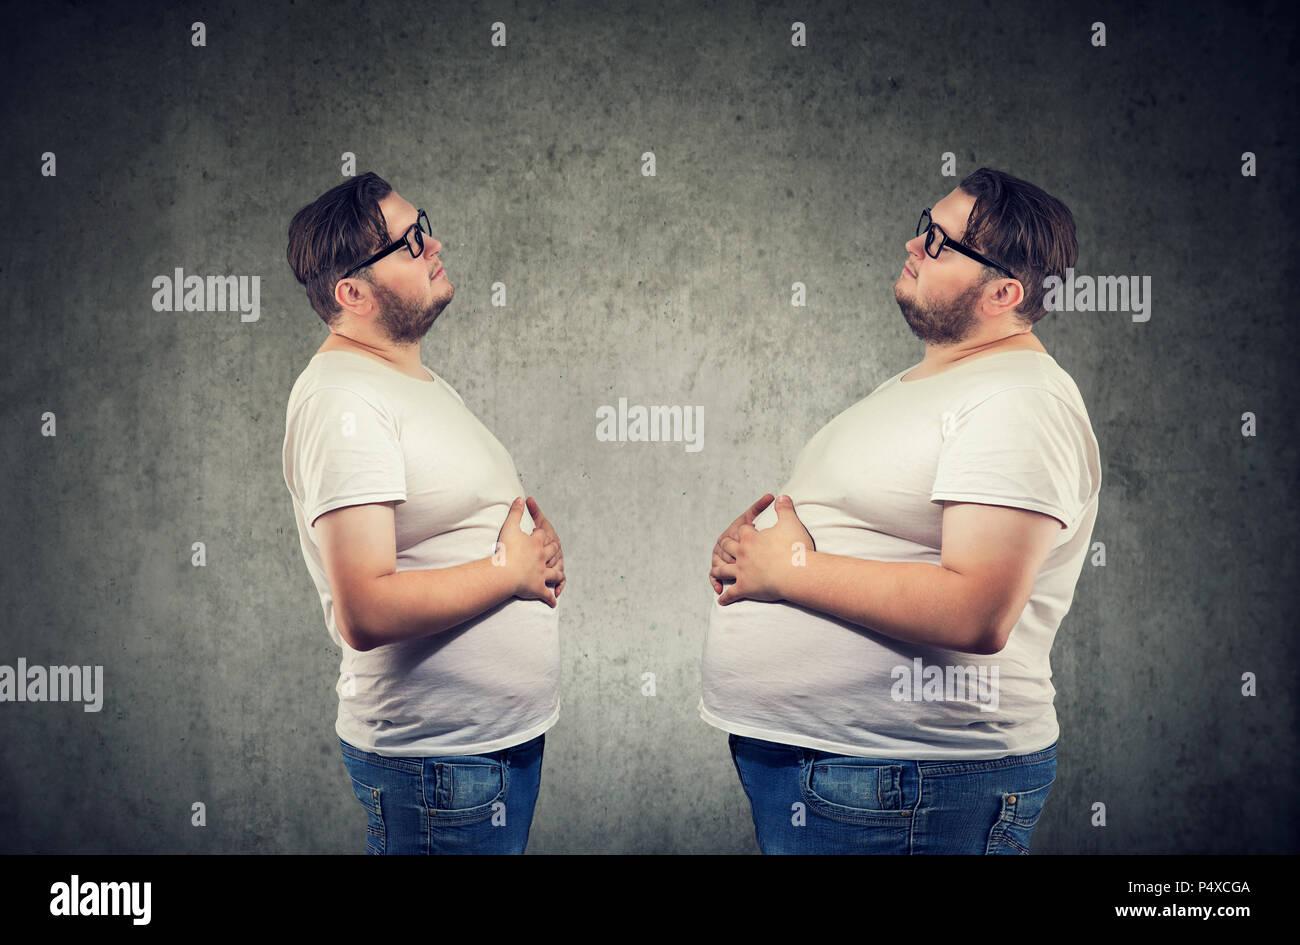 Giovane paffuto uomo guardando il grasso stesso feeling bloated. Dieta e nutrizione scelta di uno stile di vita sano concetto Immagini Stock